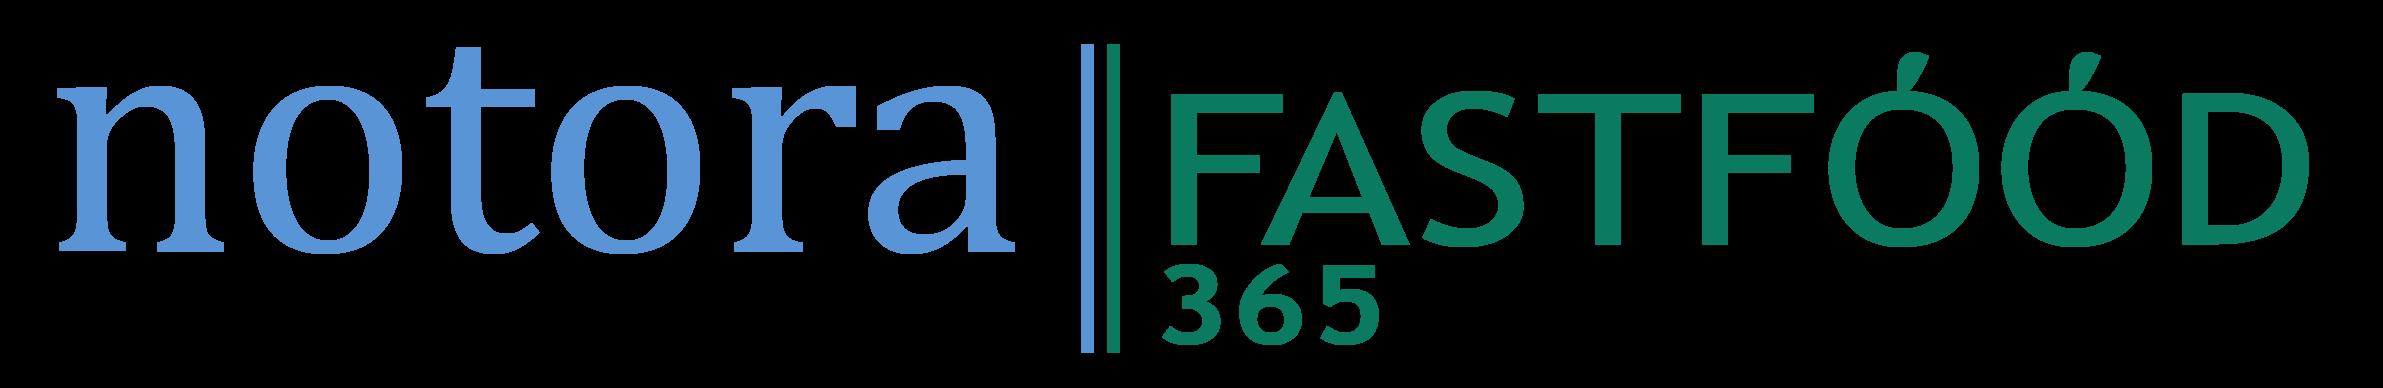 Notora   Fastfood logo